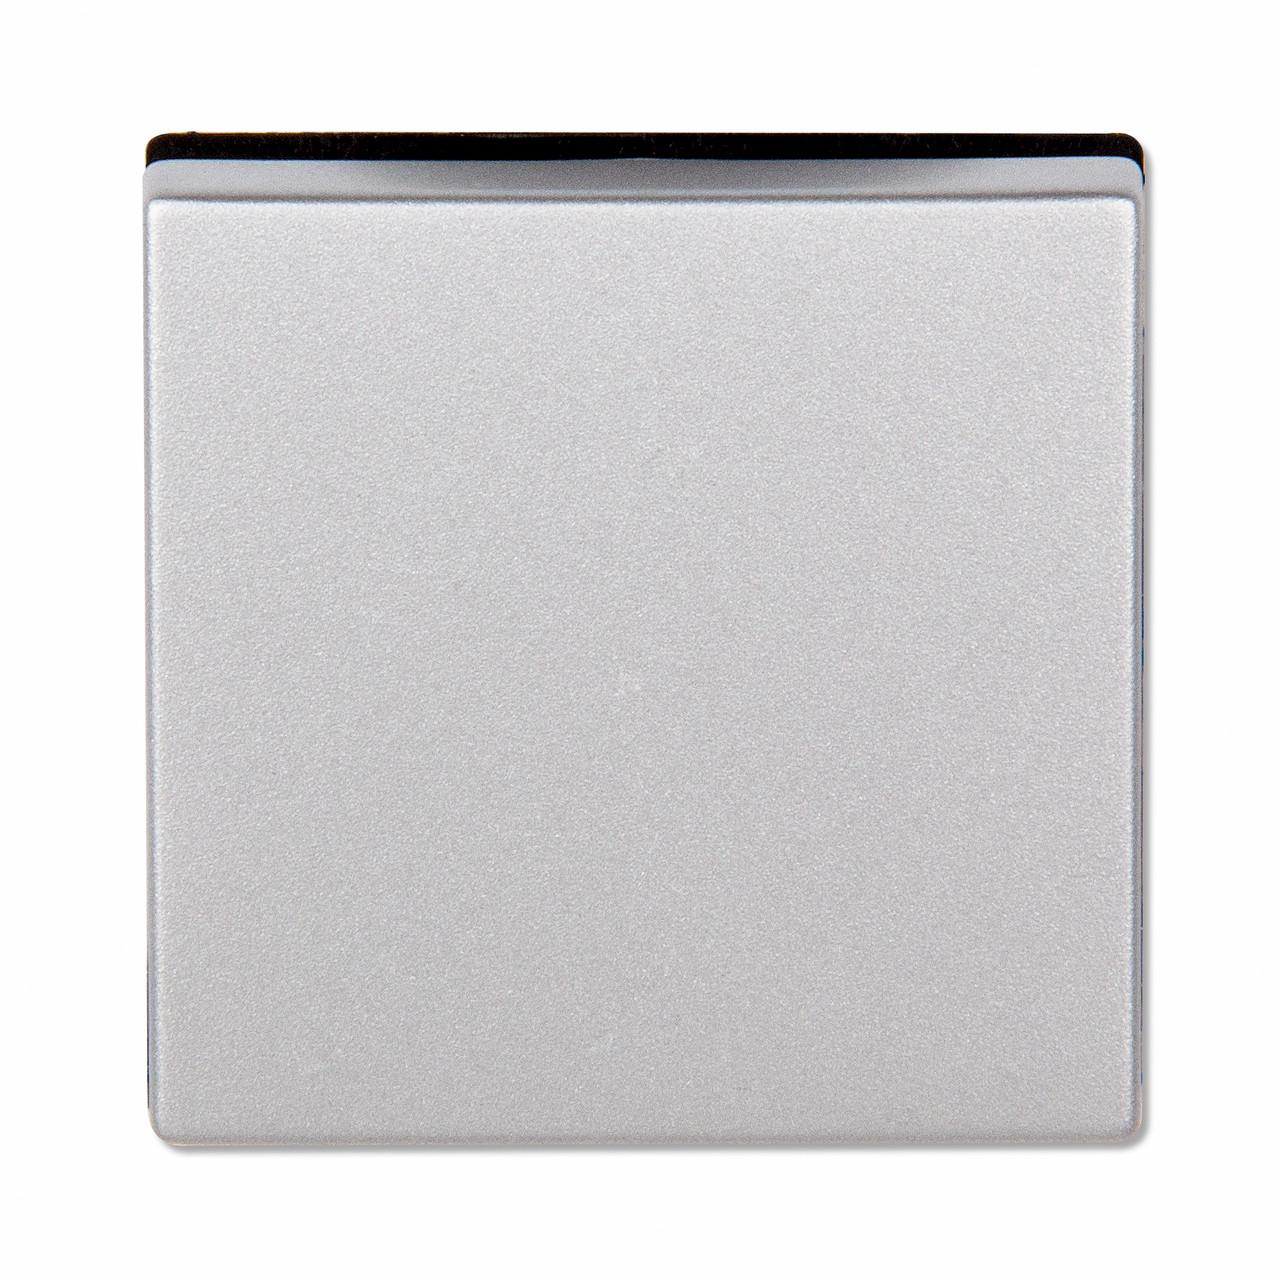 Клавиша для выключателя или кнопки (алюминий)